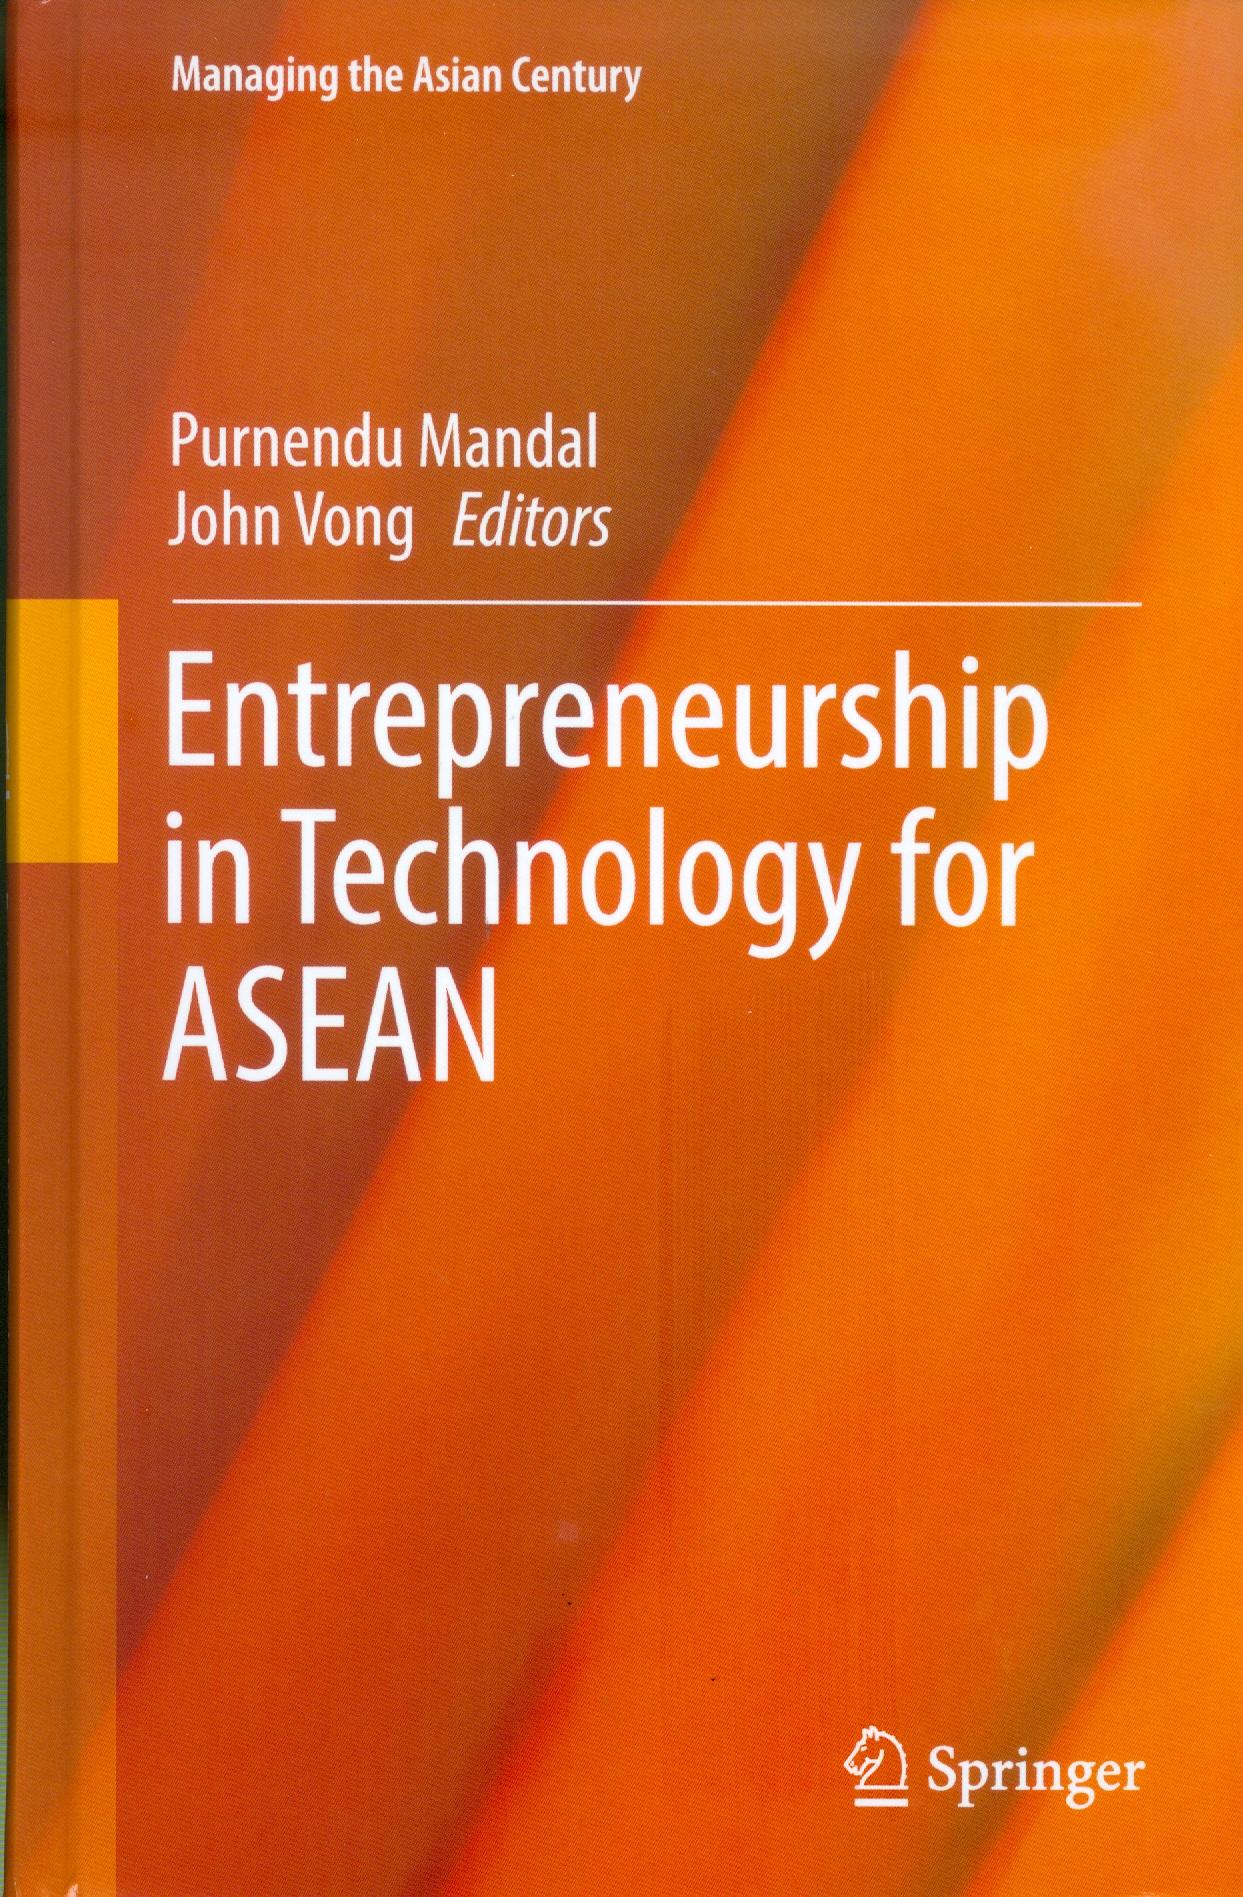 entrepreneurship in technology for ASEAN0001.jpg